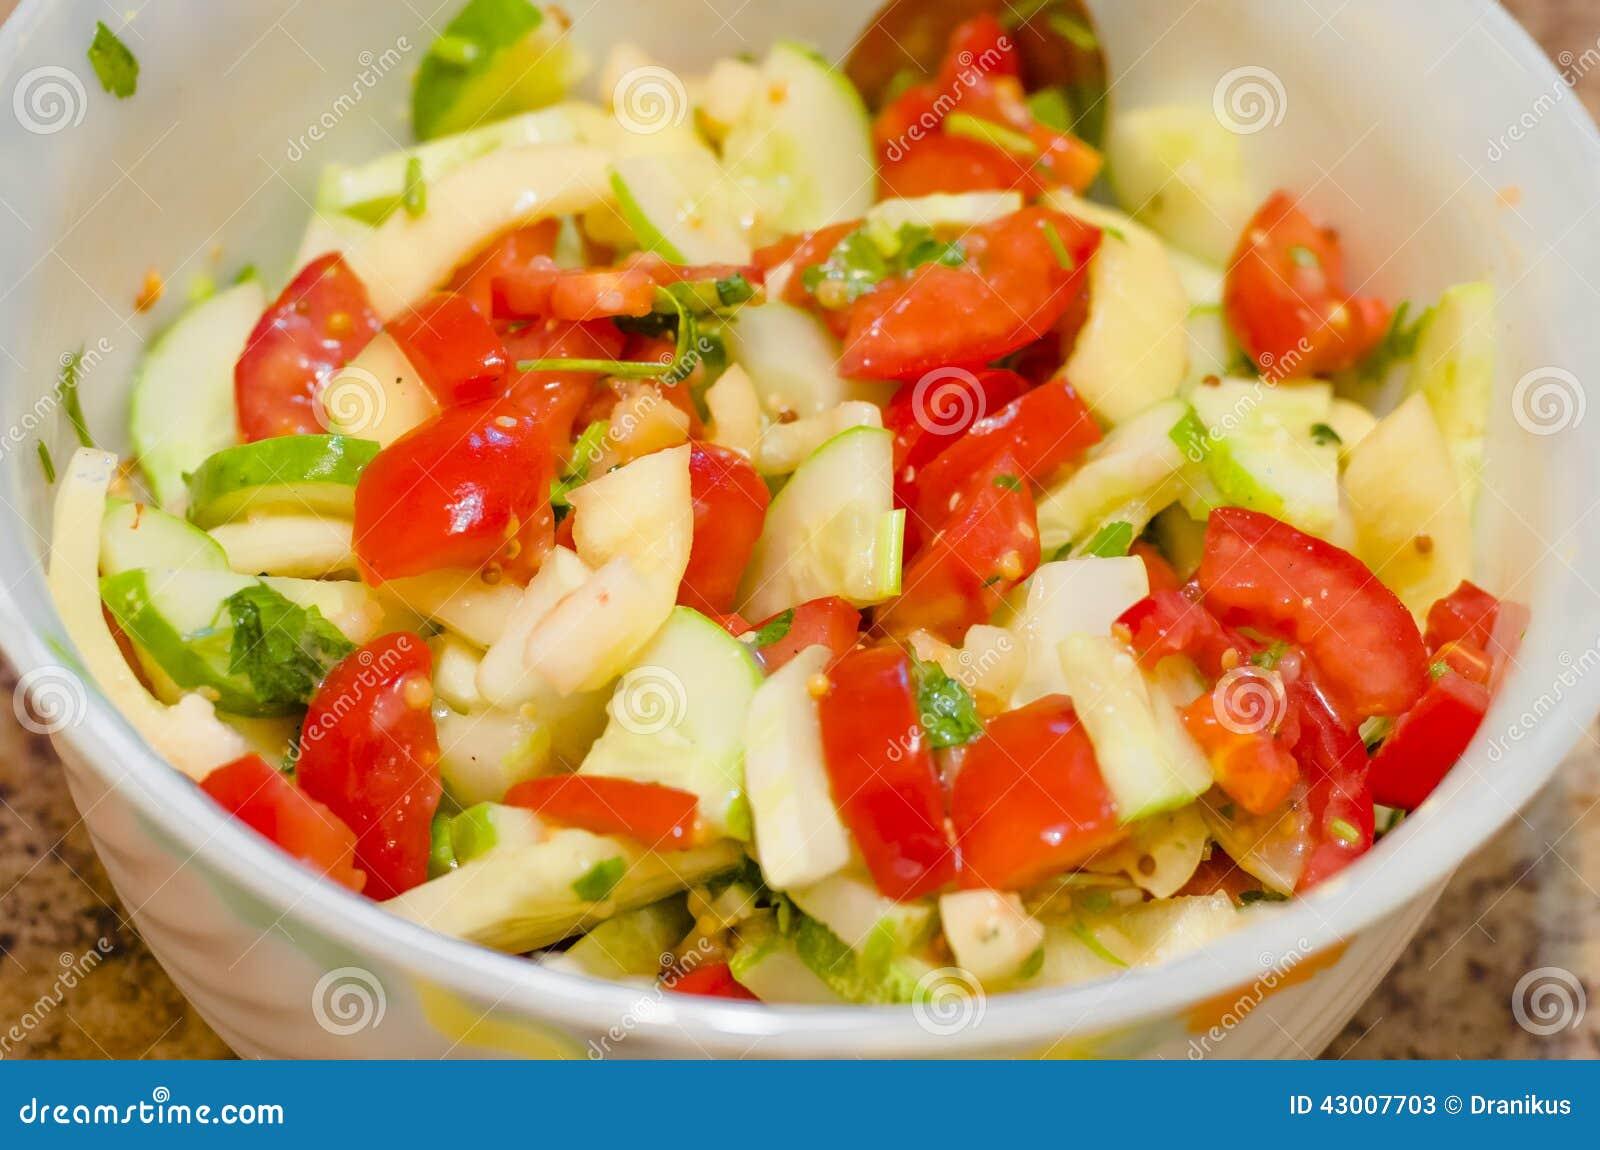 Salade vruchten groenten tomaat groen eten vegetarische gezond voedende snack - Snack eten ...